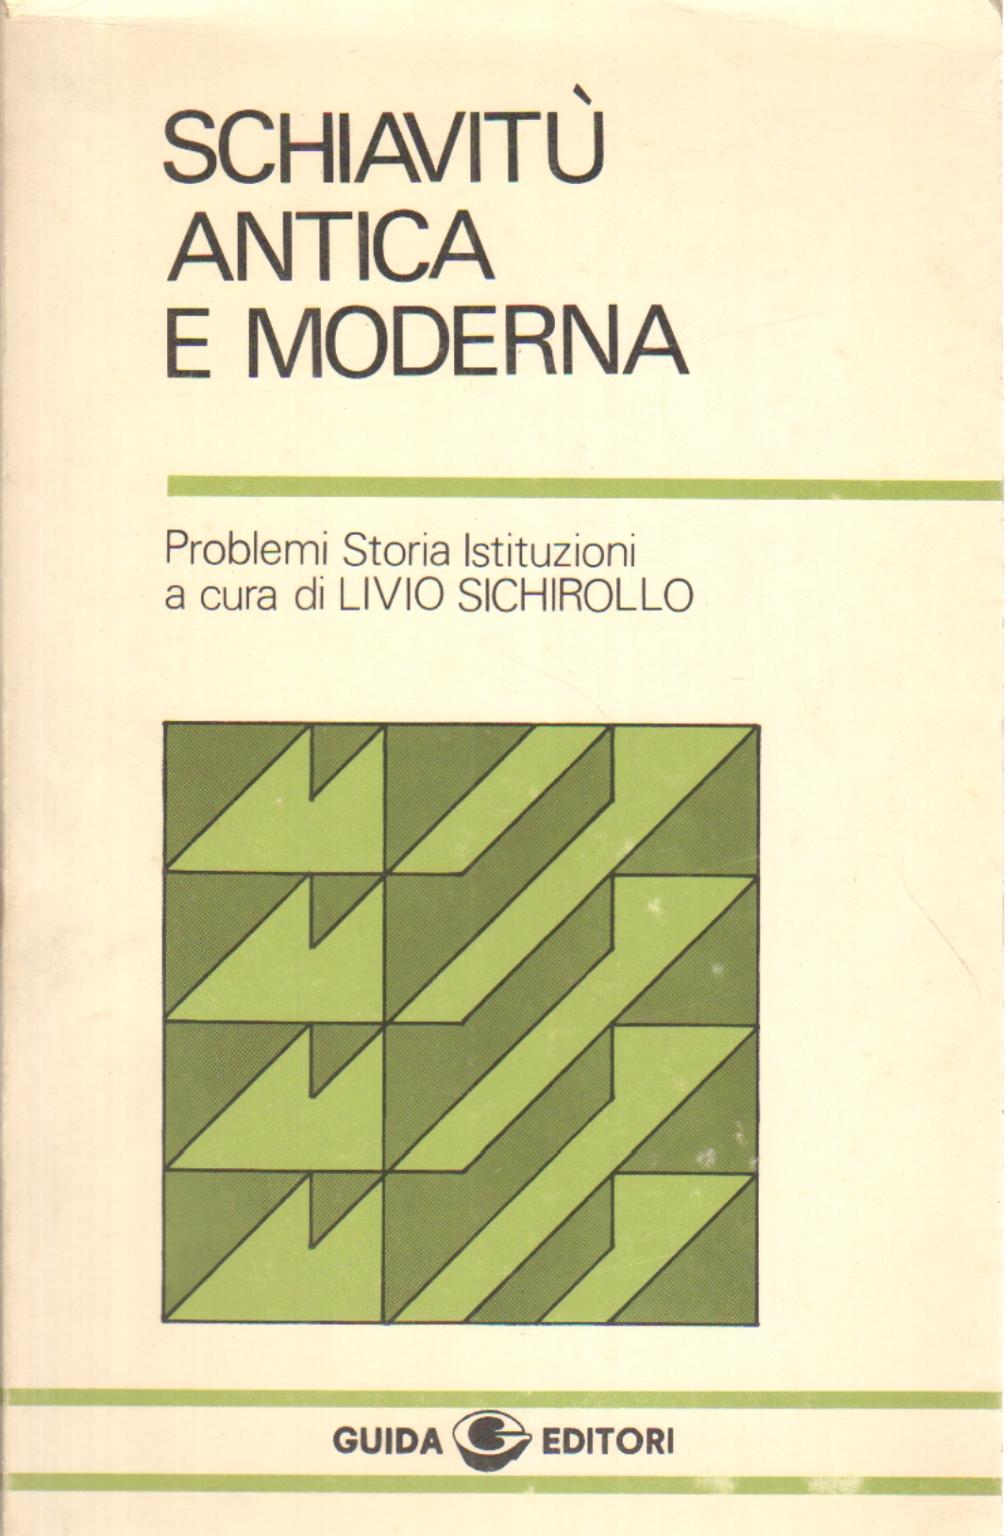 Schiavit antica e moderna livio sichirollo storia for Casa moderna o antica